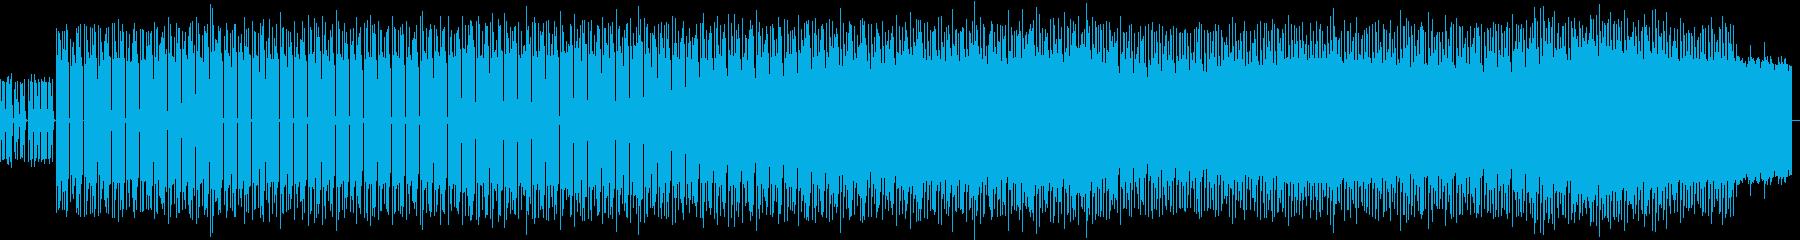 気怠くドライな質感のかっこいい曲の再生済みの波形